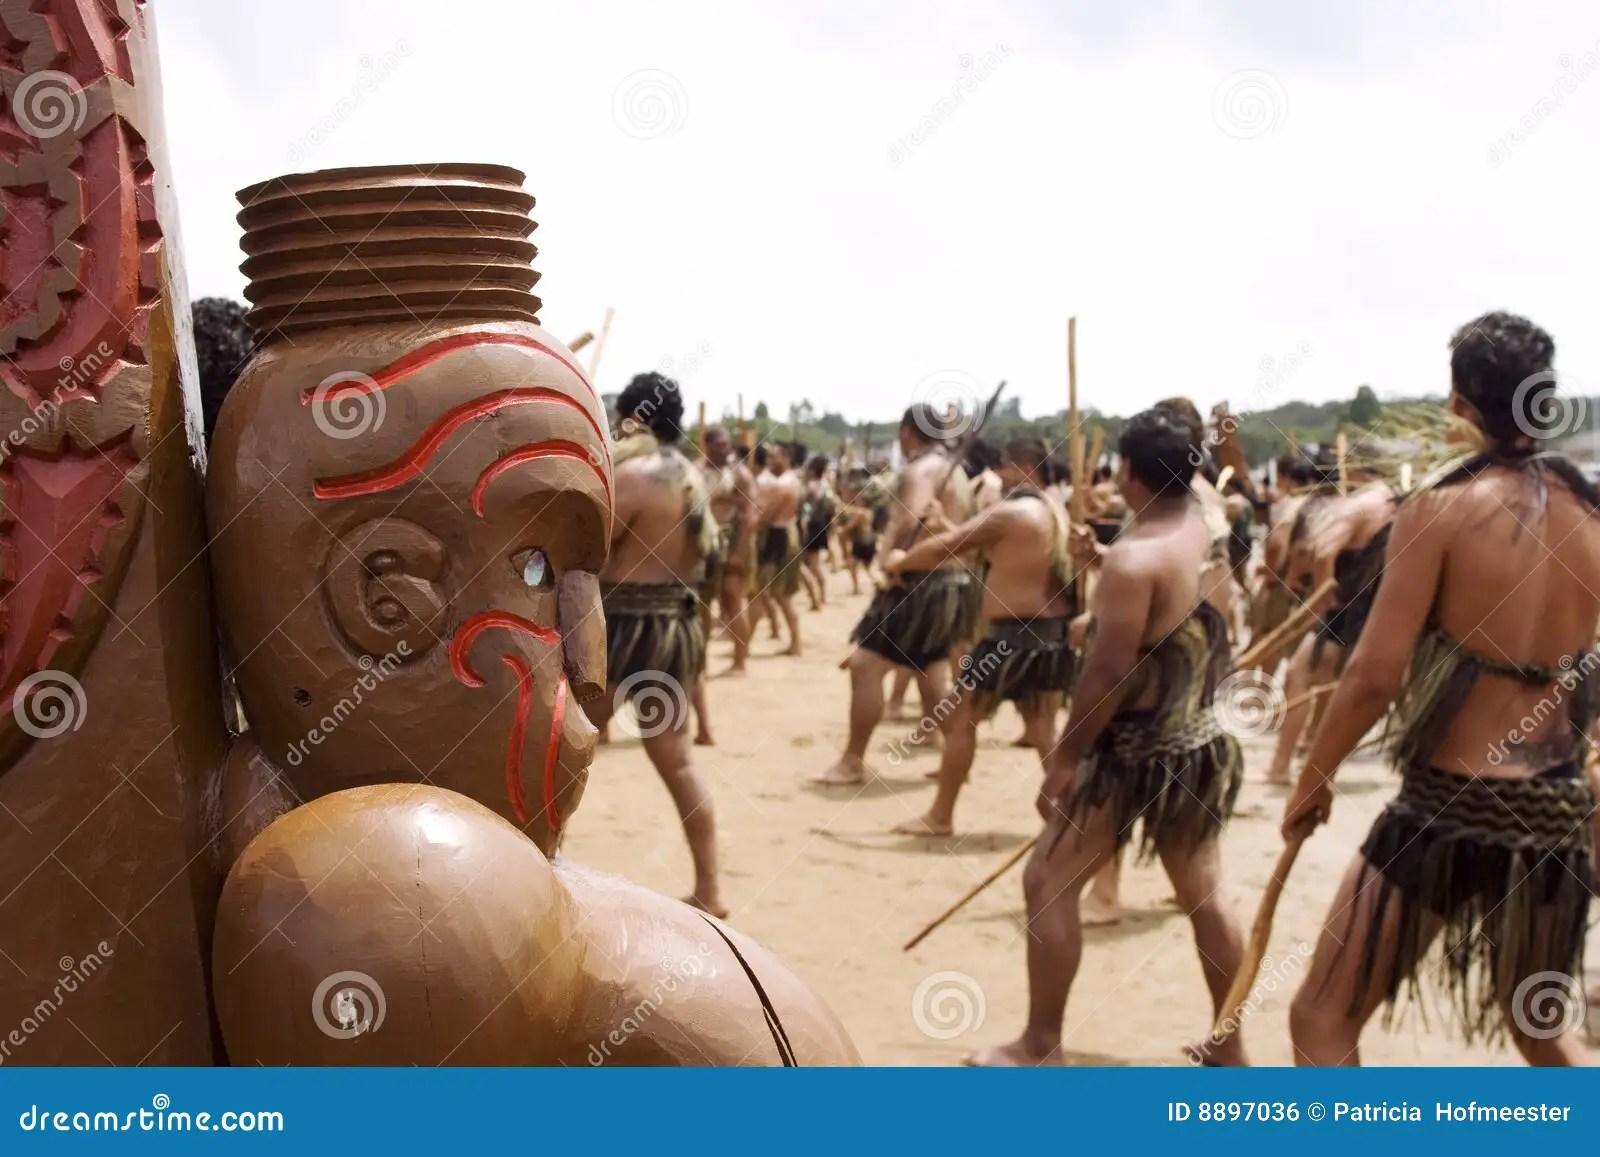 Maori Haka war Dance At Waitingi In New Zealand Stock